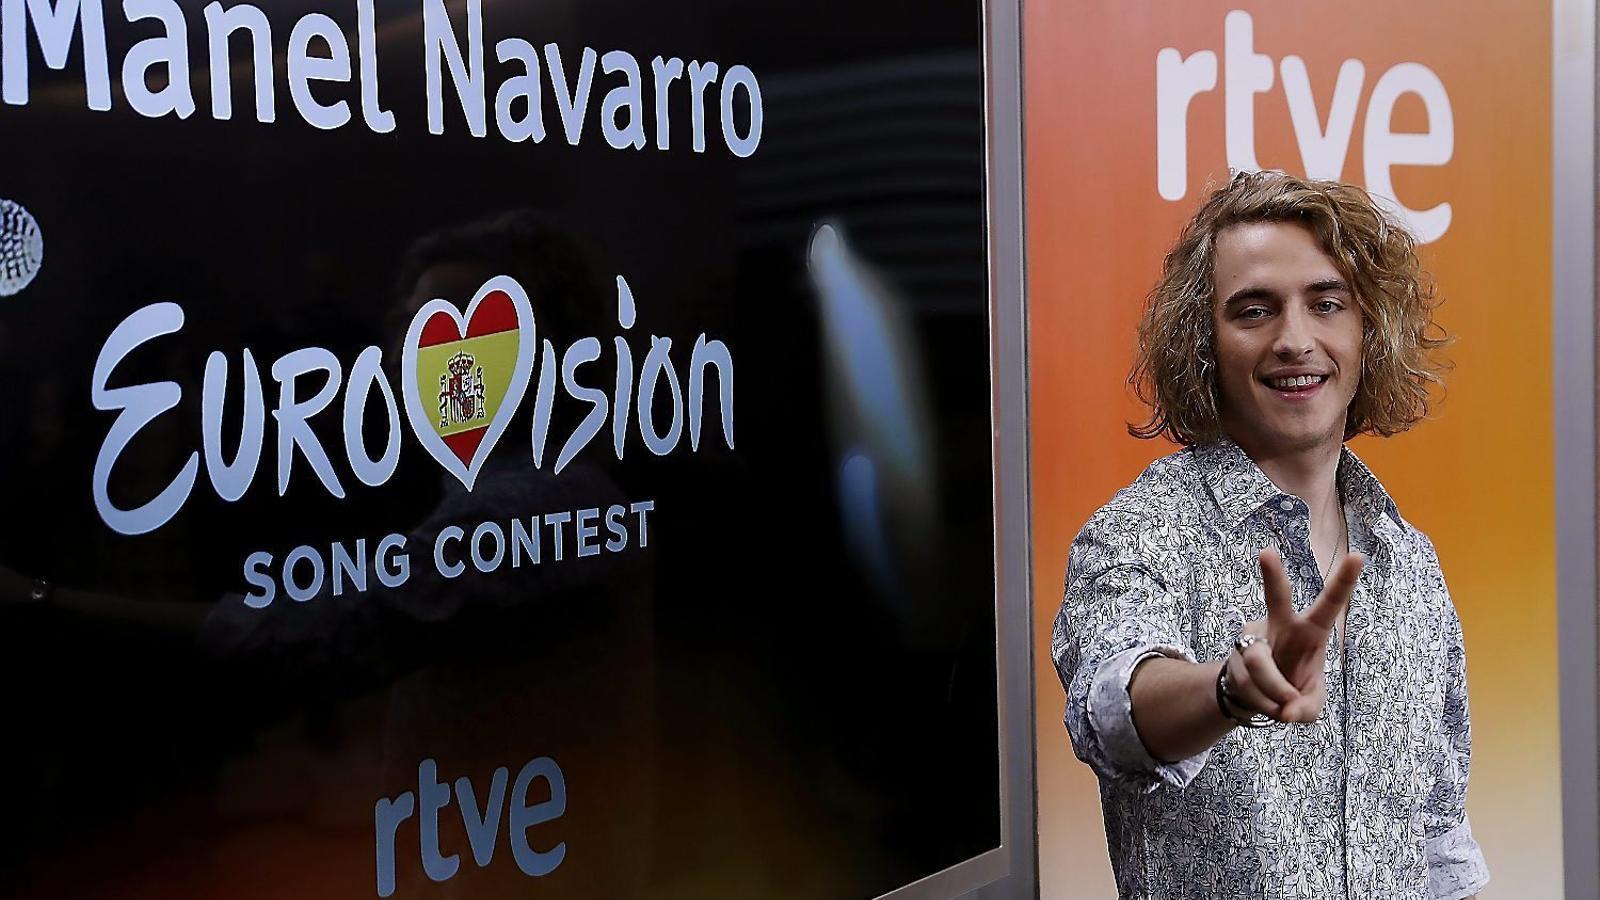 El representant a Eurovisió es disculpa per la botifarra